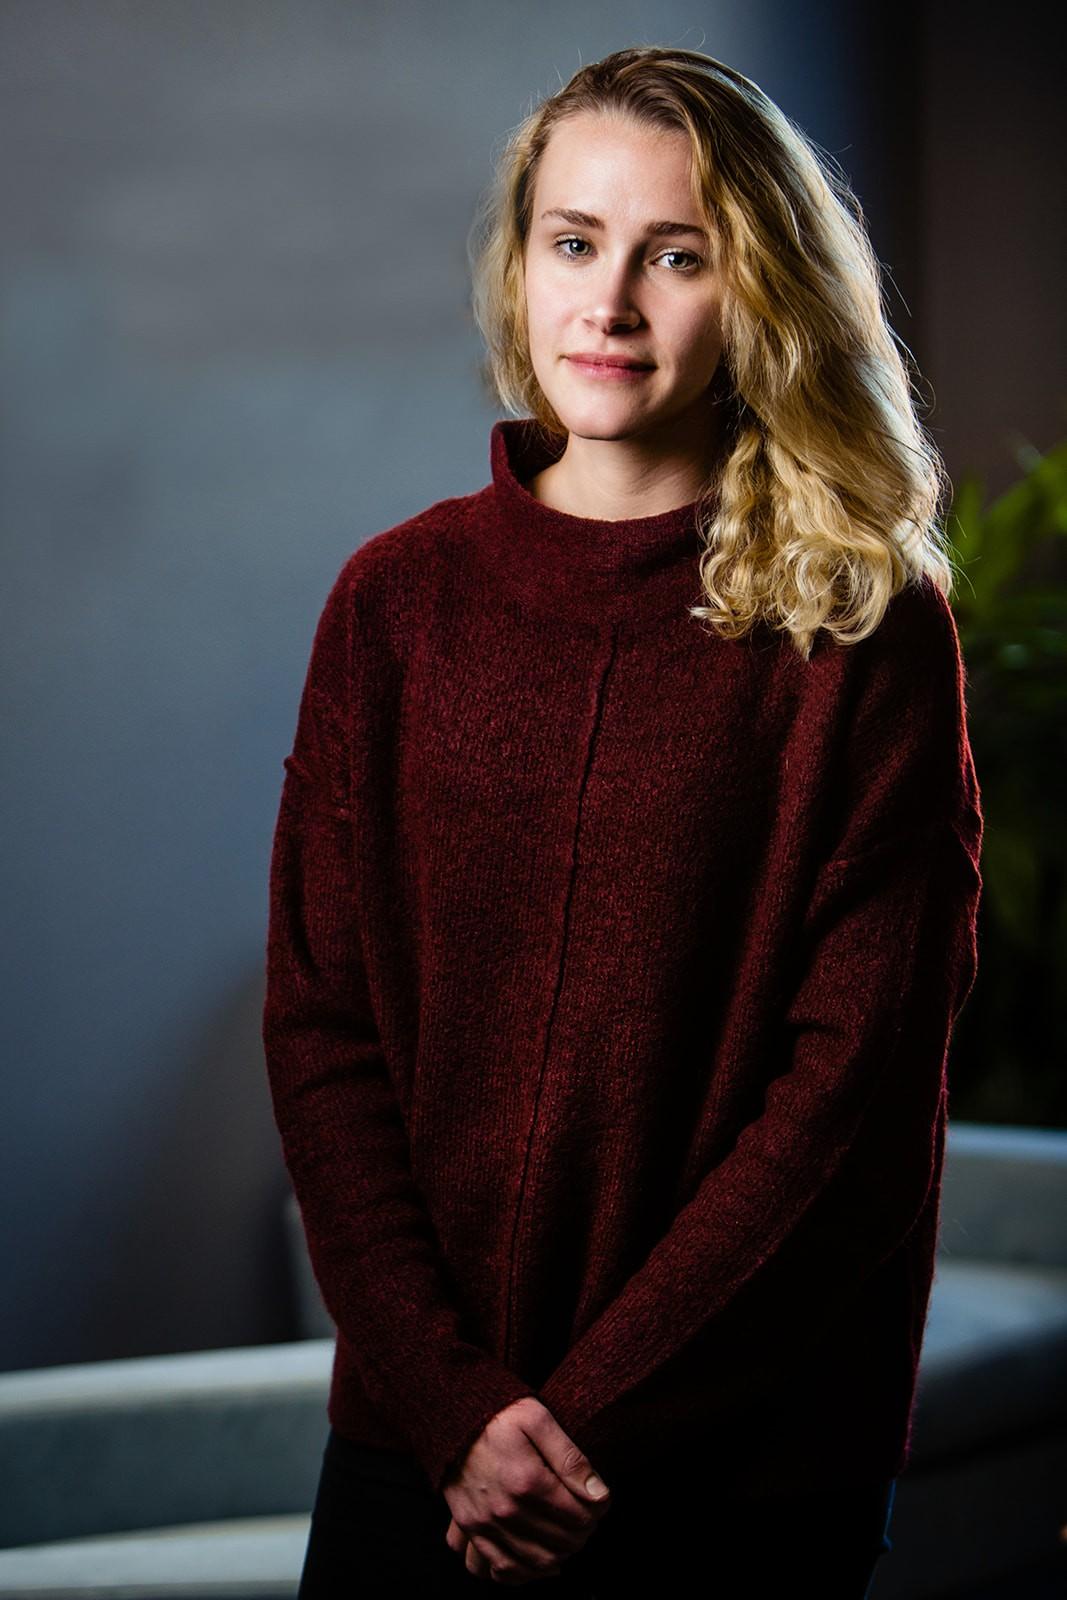 Claire Lawson